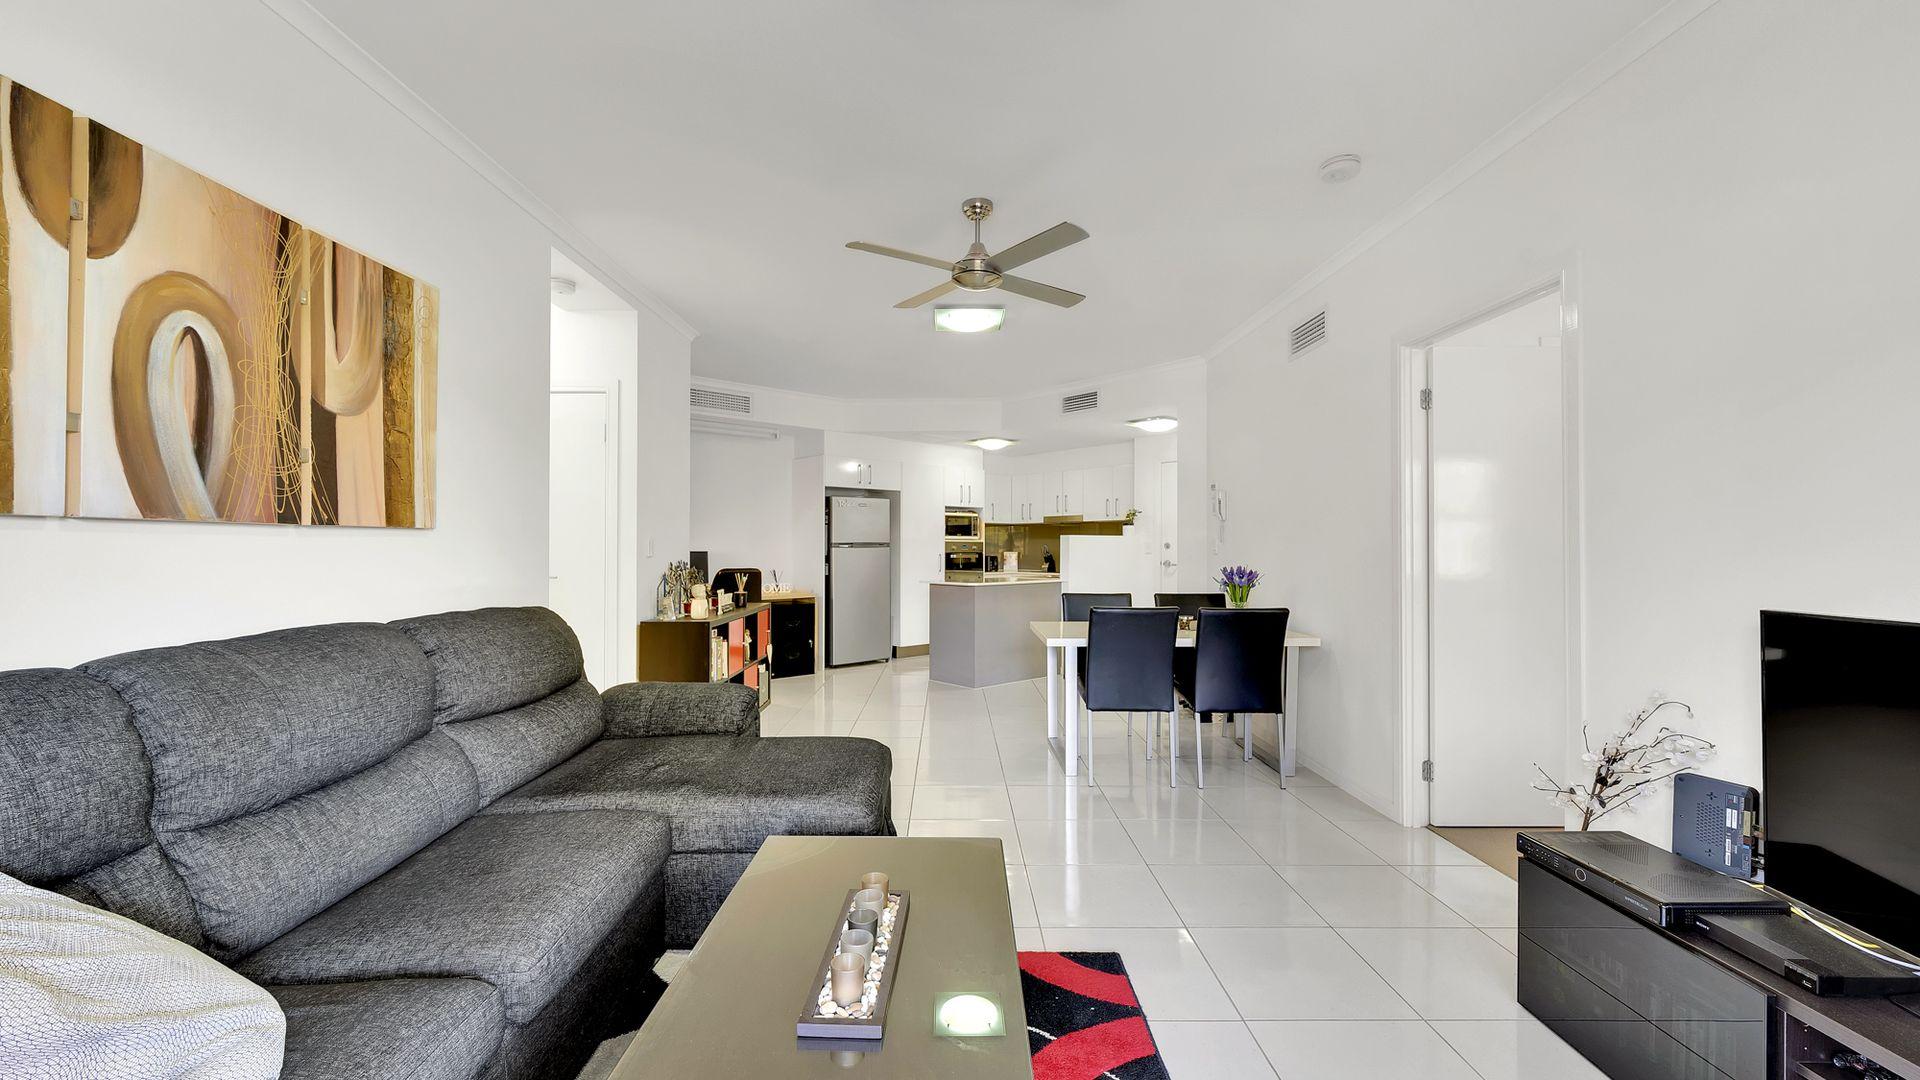 3/8 Mercer Avenue, Kedron QLD 4031, Image 2